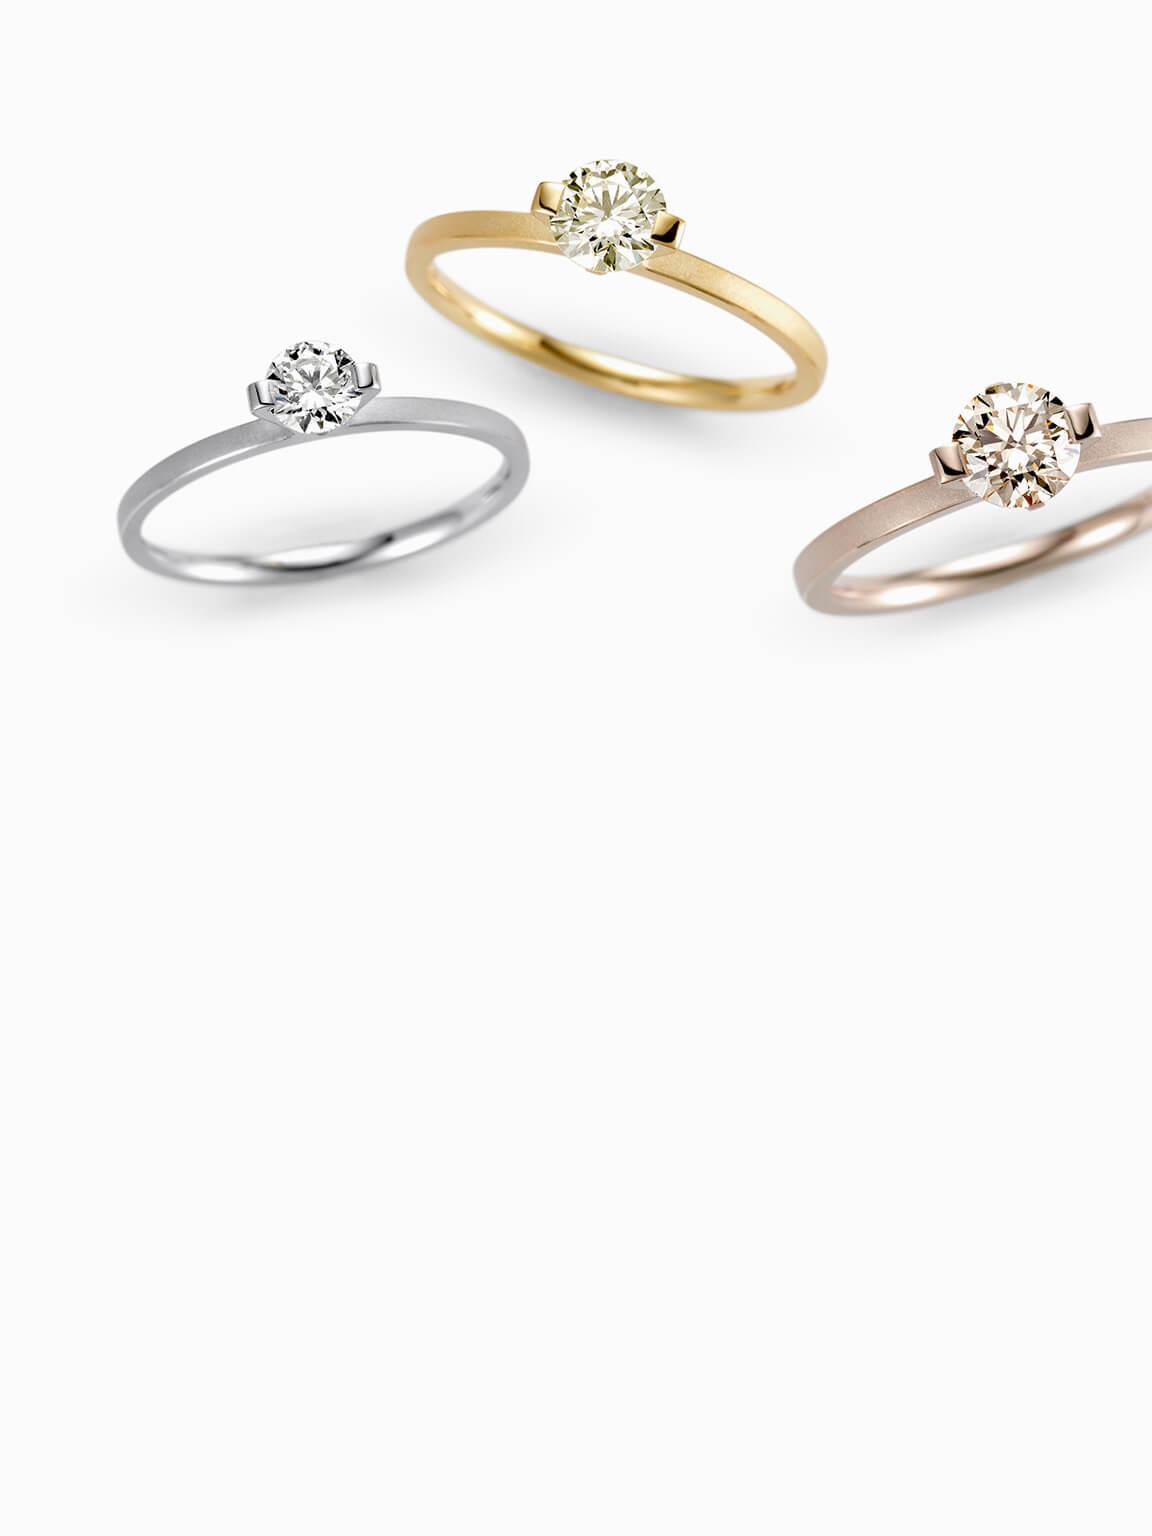 Niessing – Wedding Rings, Engagemenrt Rings, Tension Rings